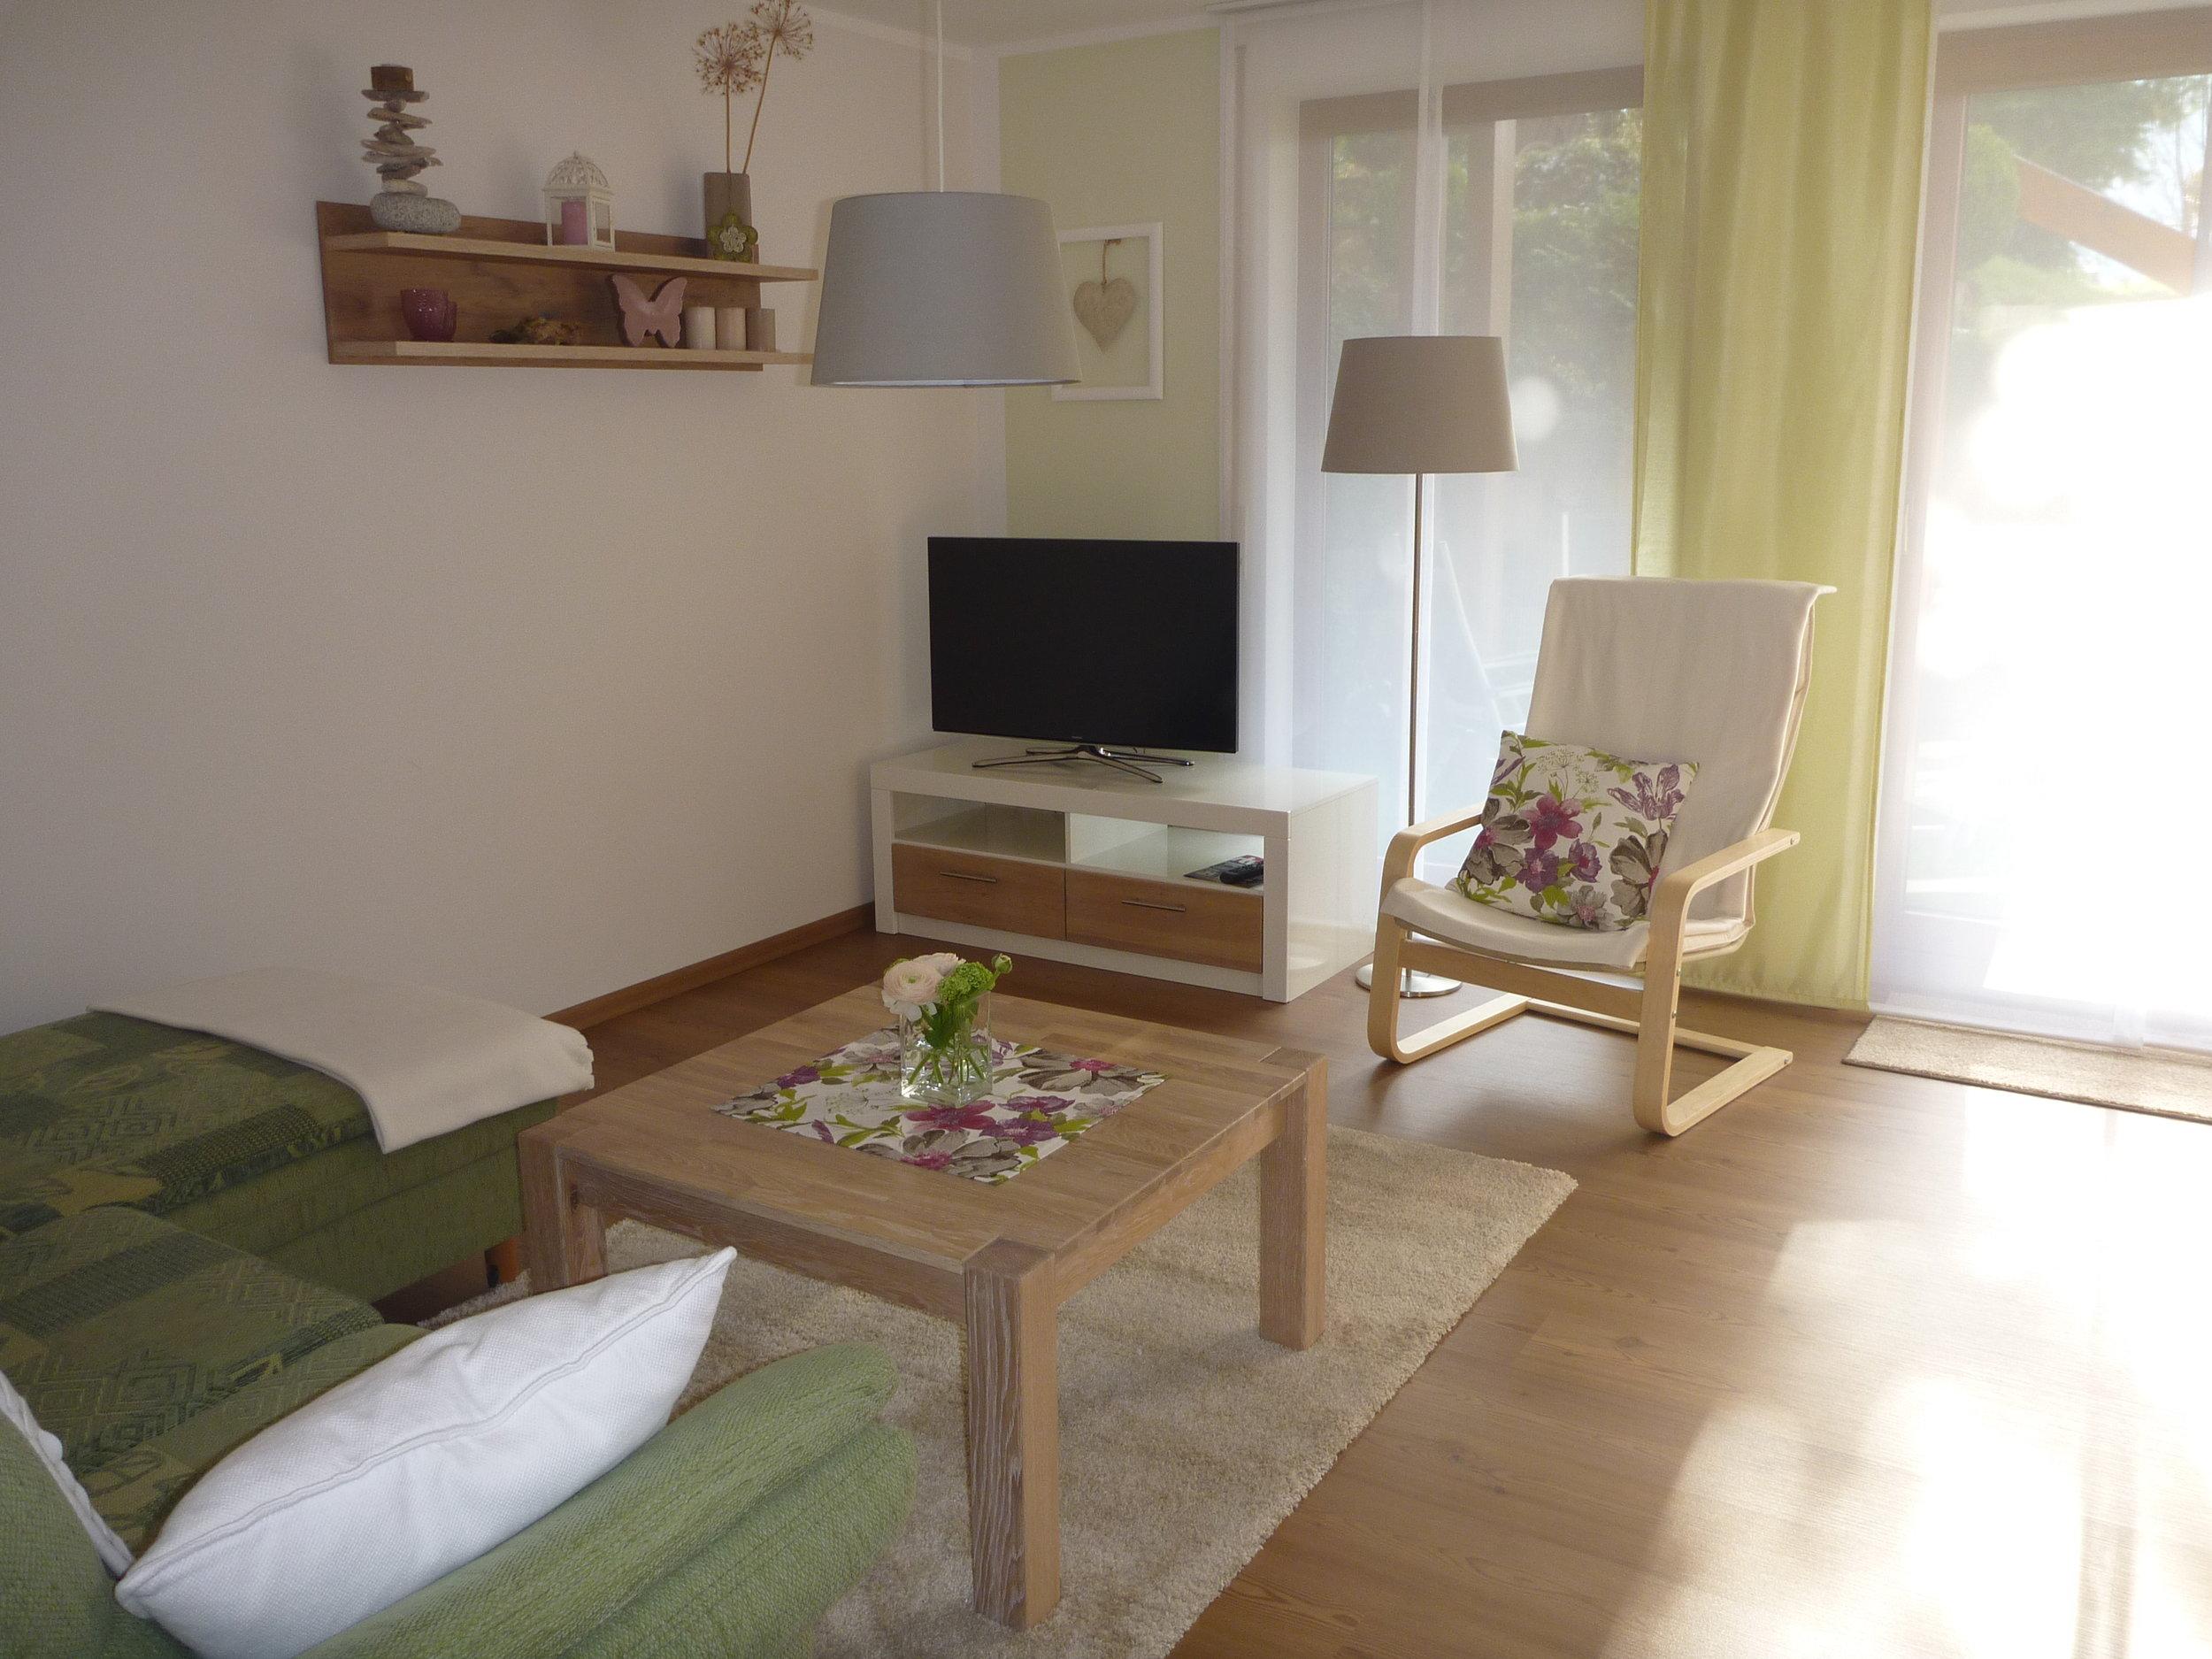 Wohnzimmer_3_big.jpg